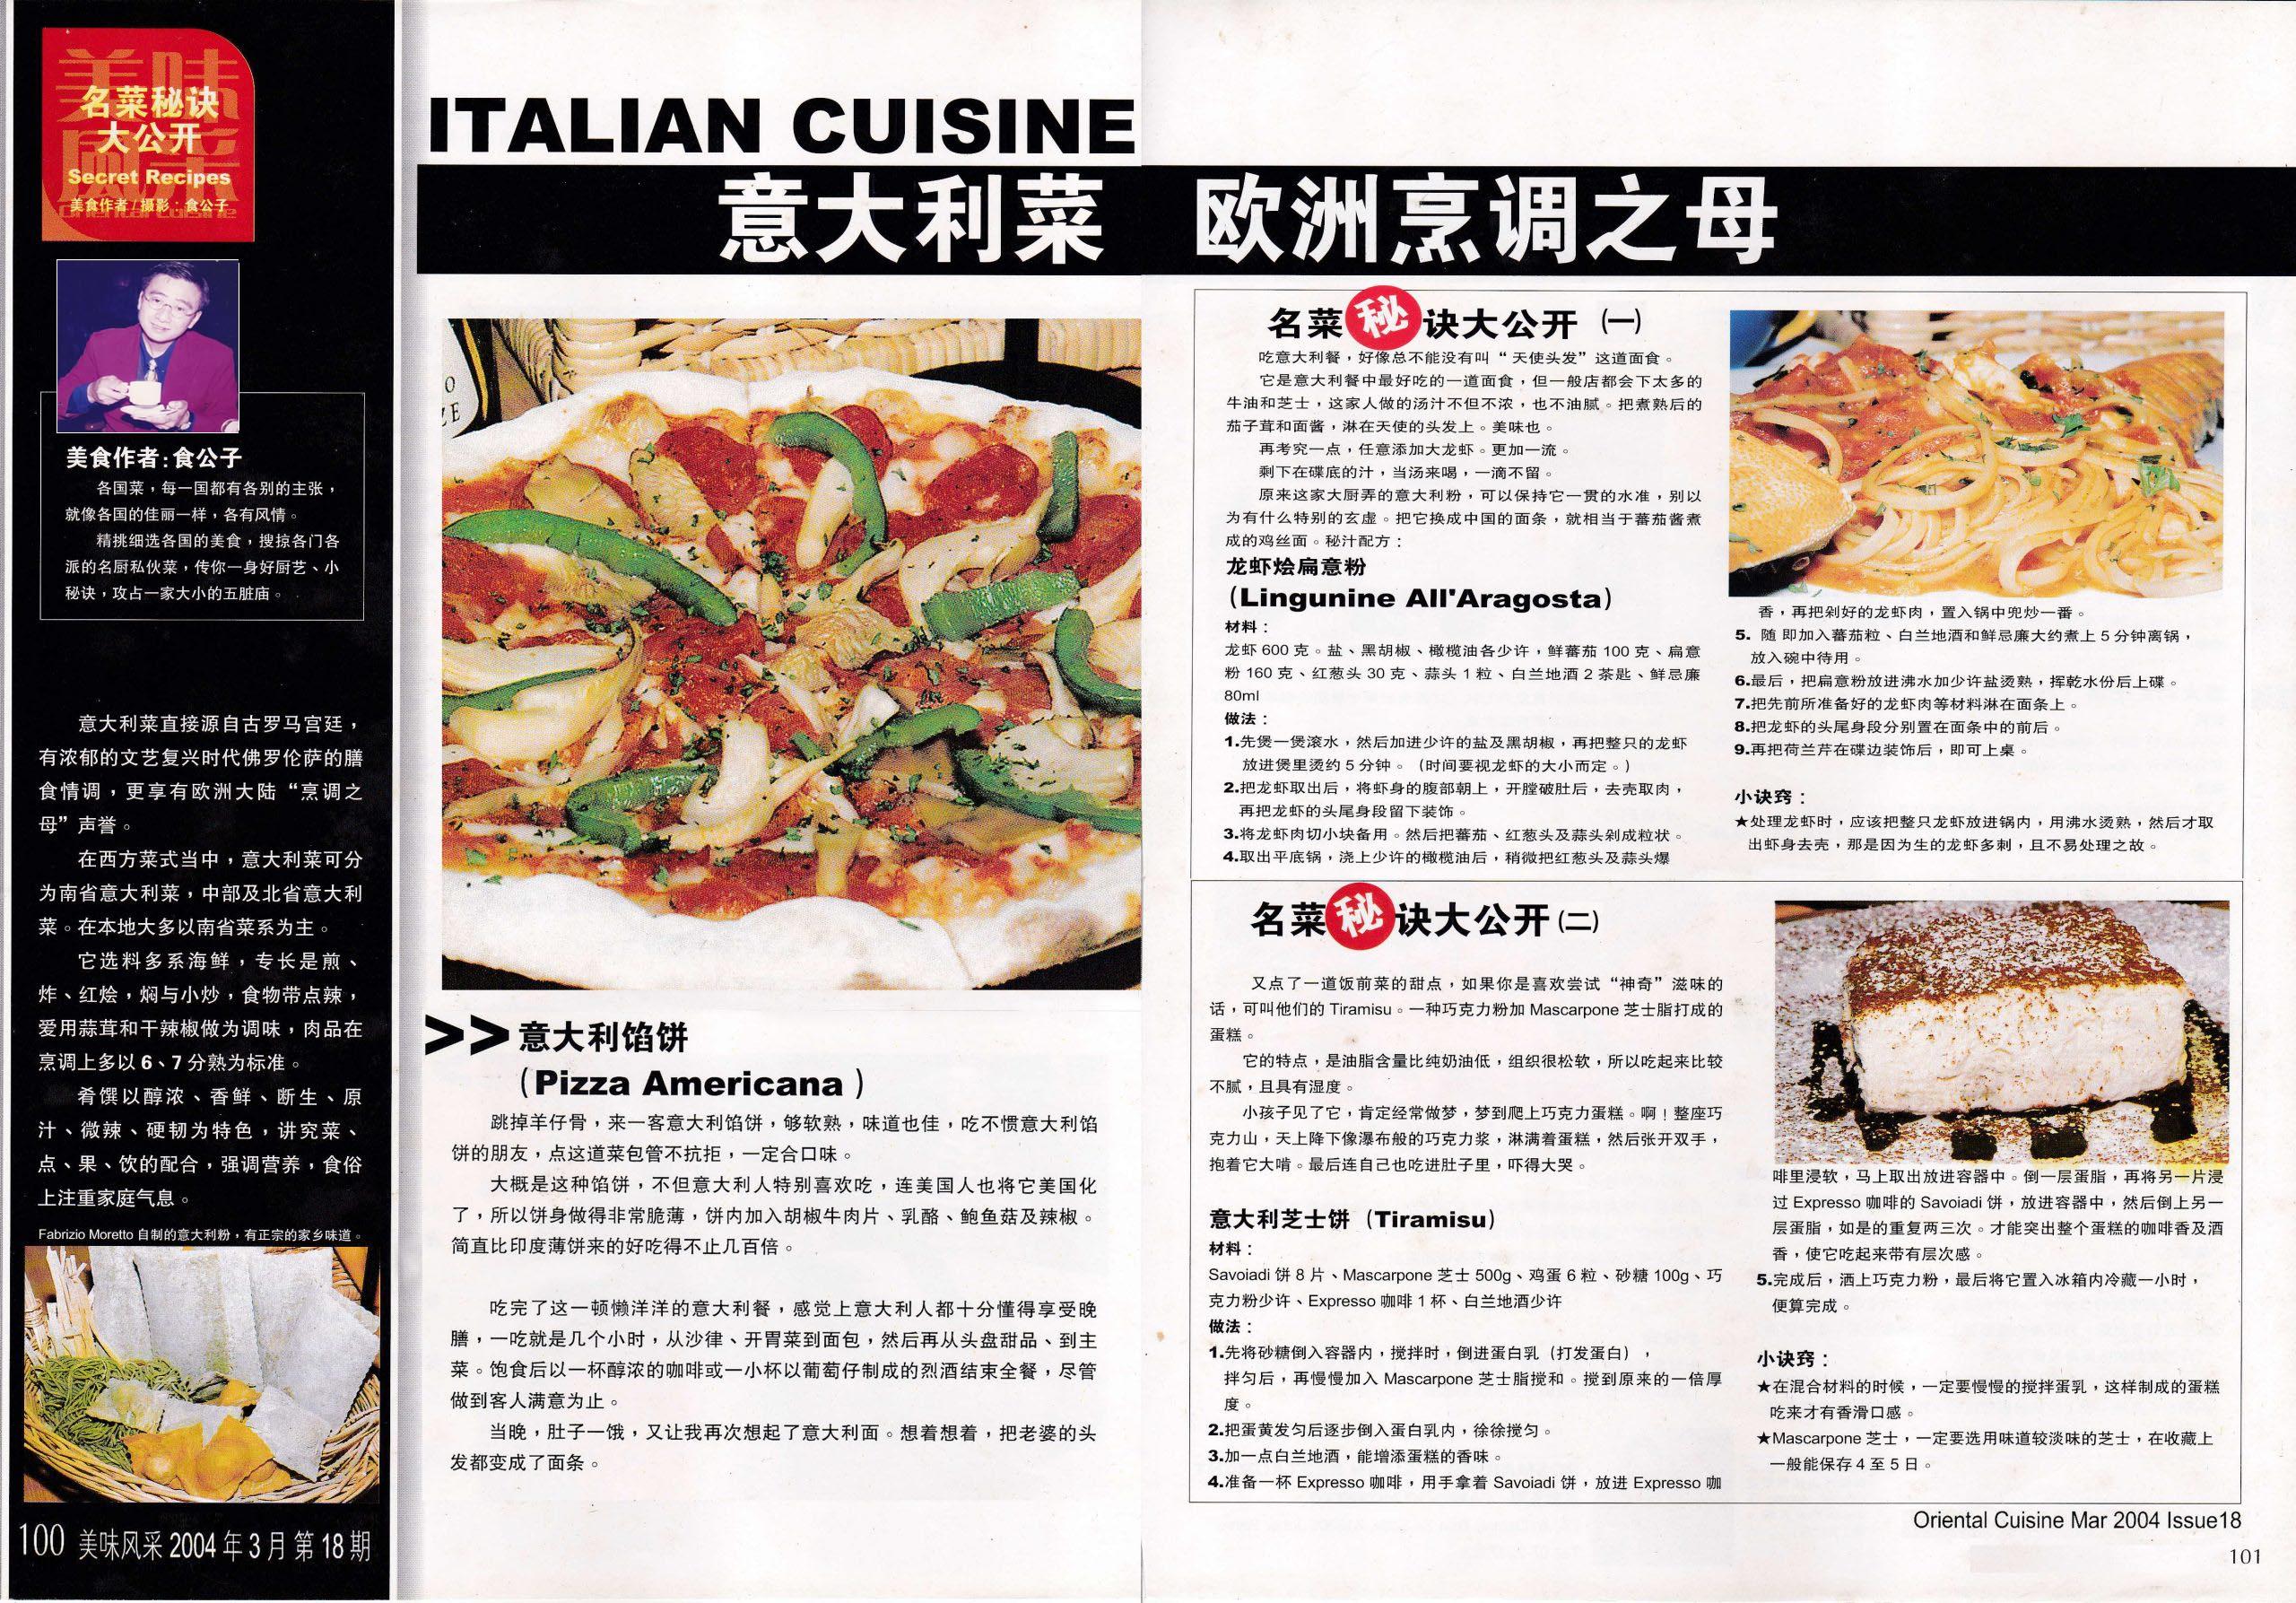 世界美食大师-美味风采-意大利菜